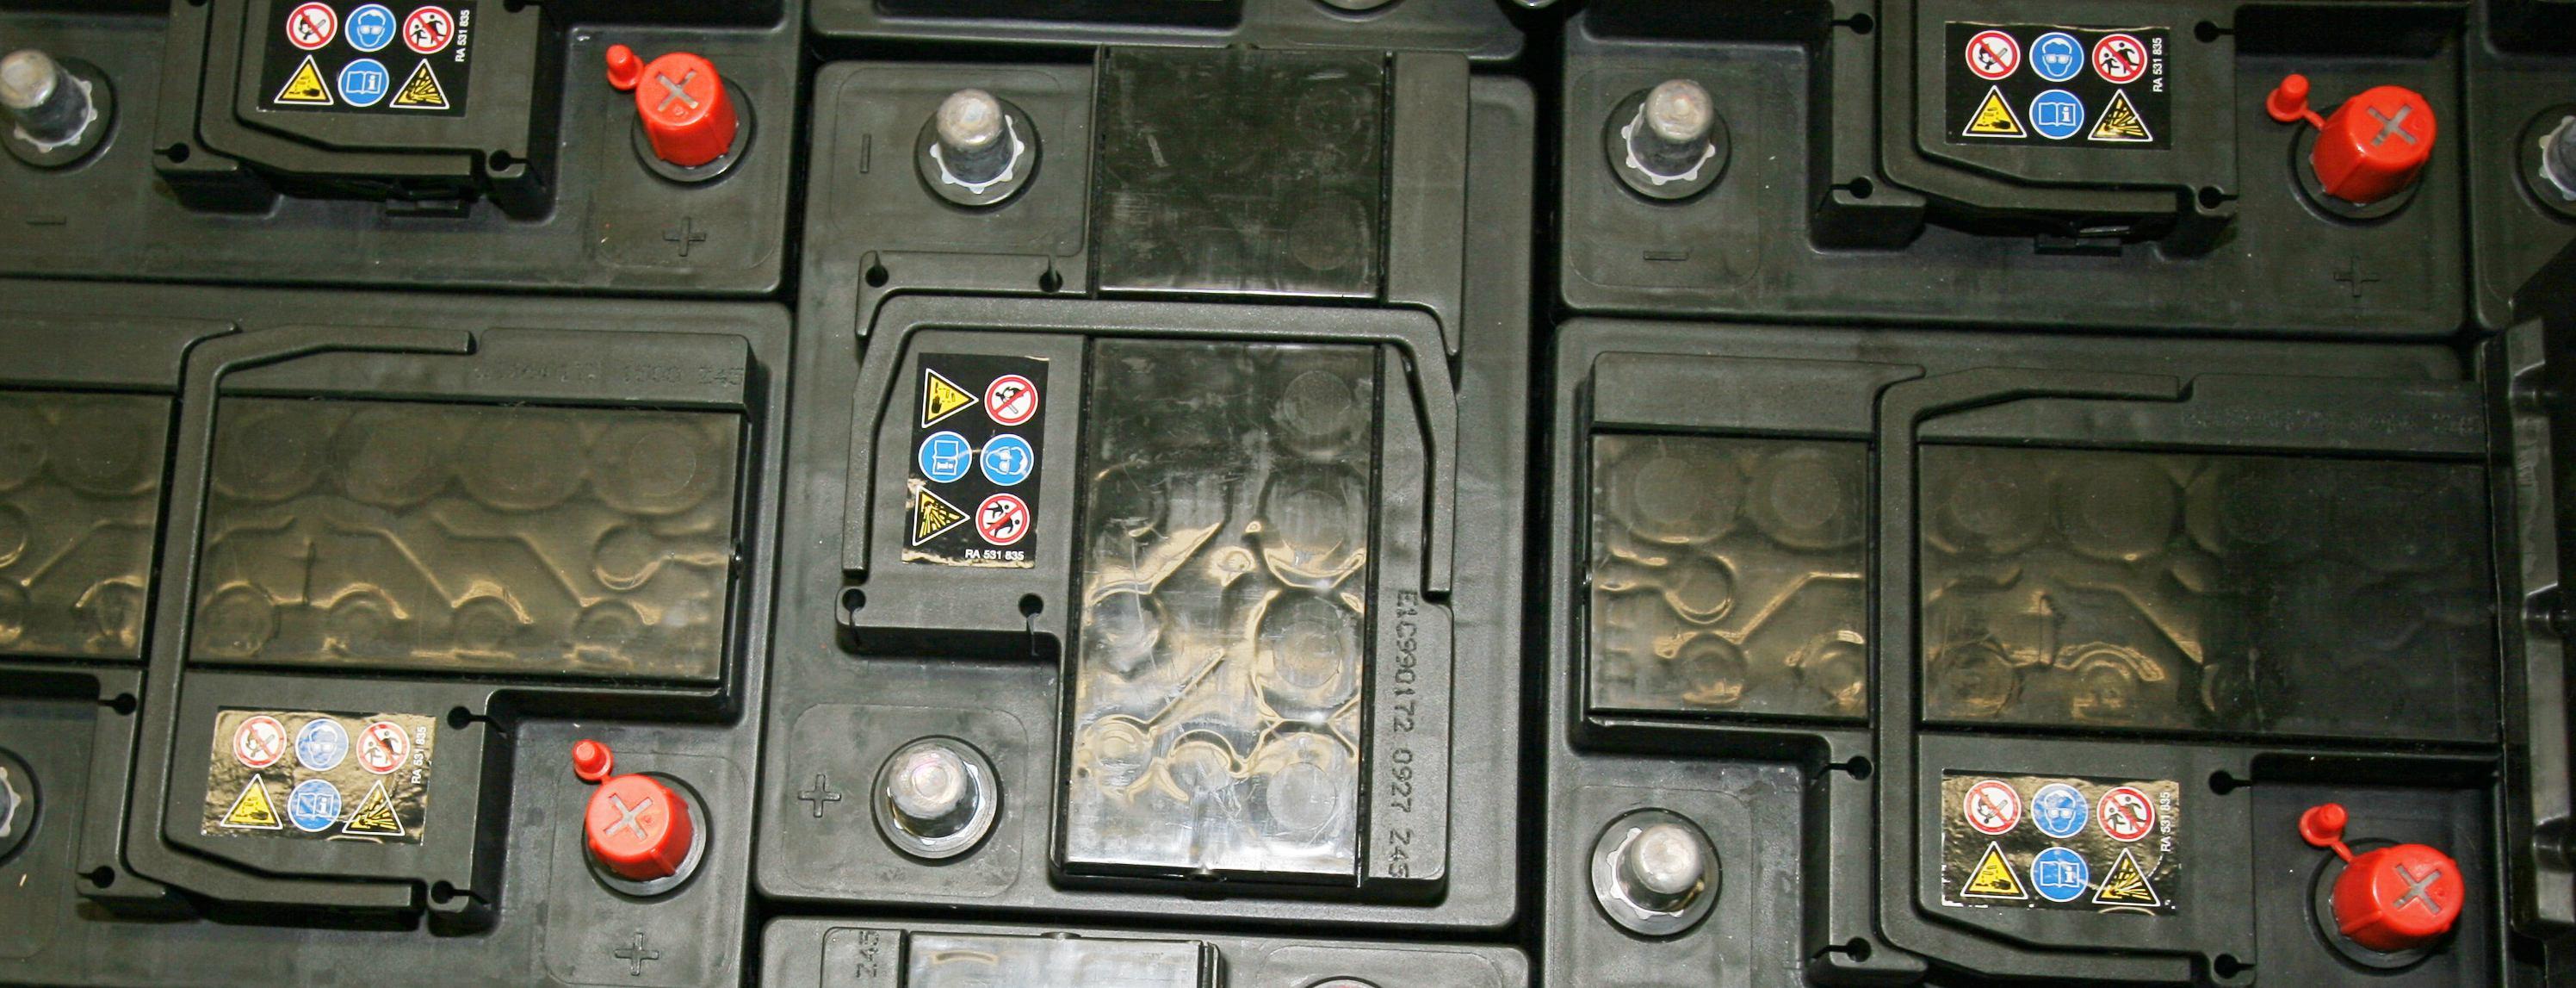 baterias usadas Valorcar